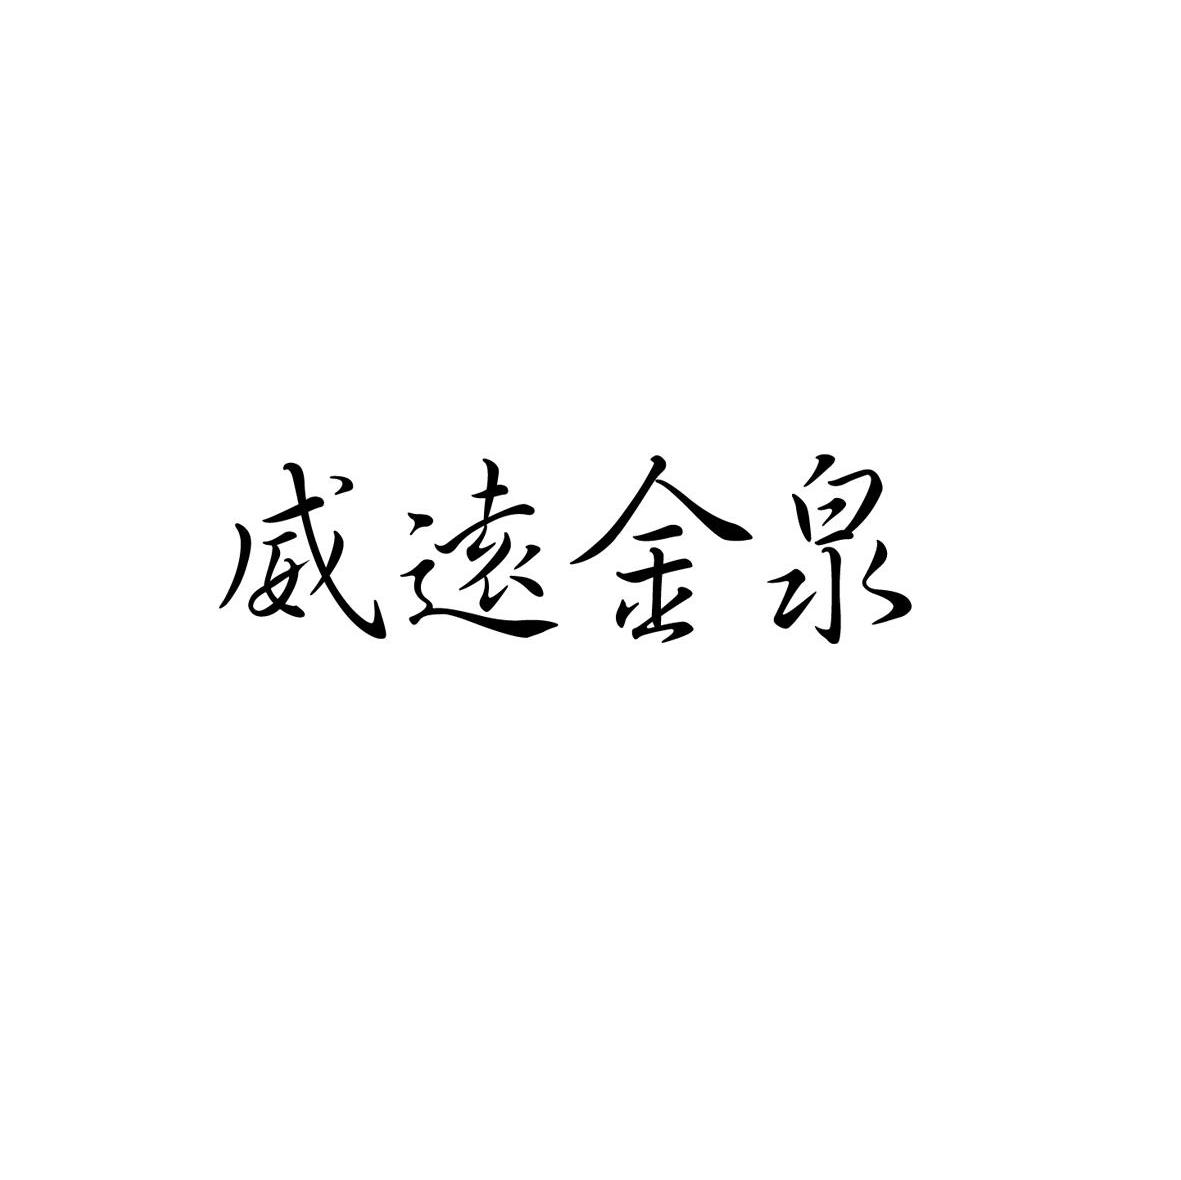 金泉汽车油漆处 logo